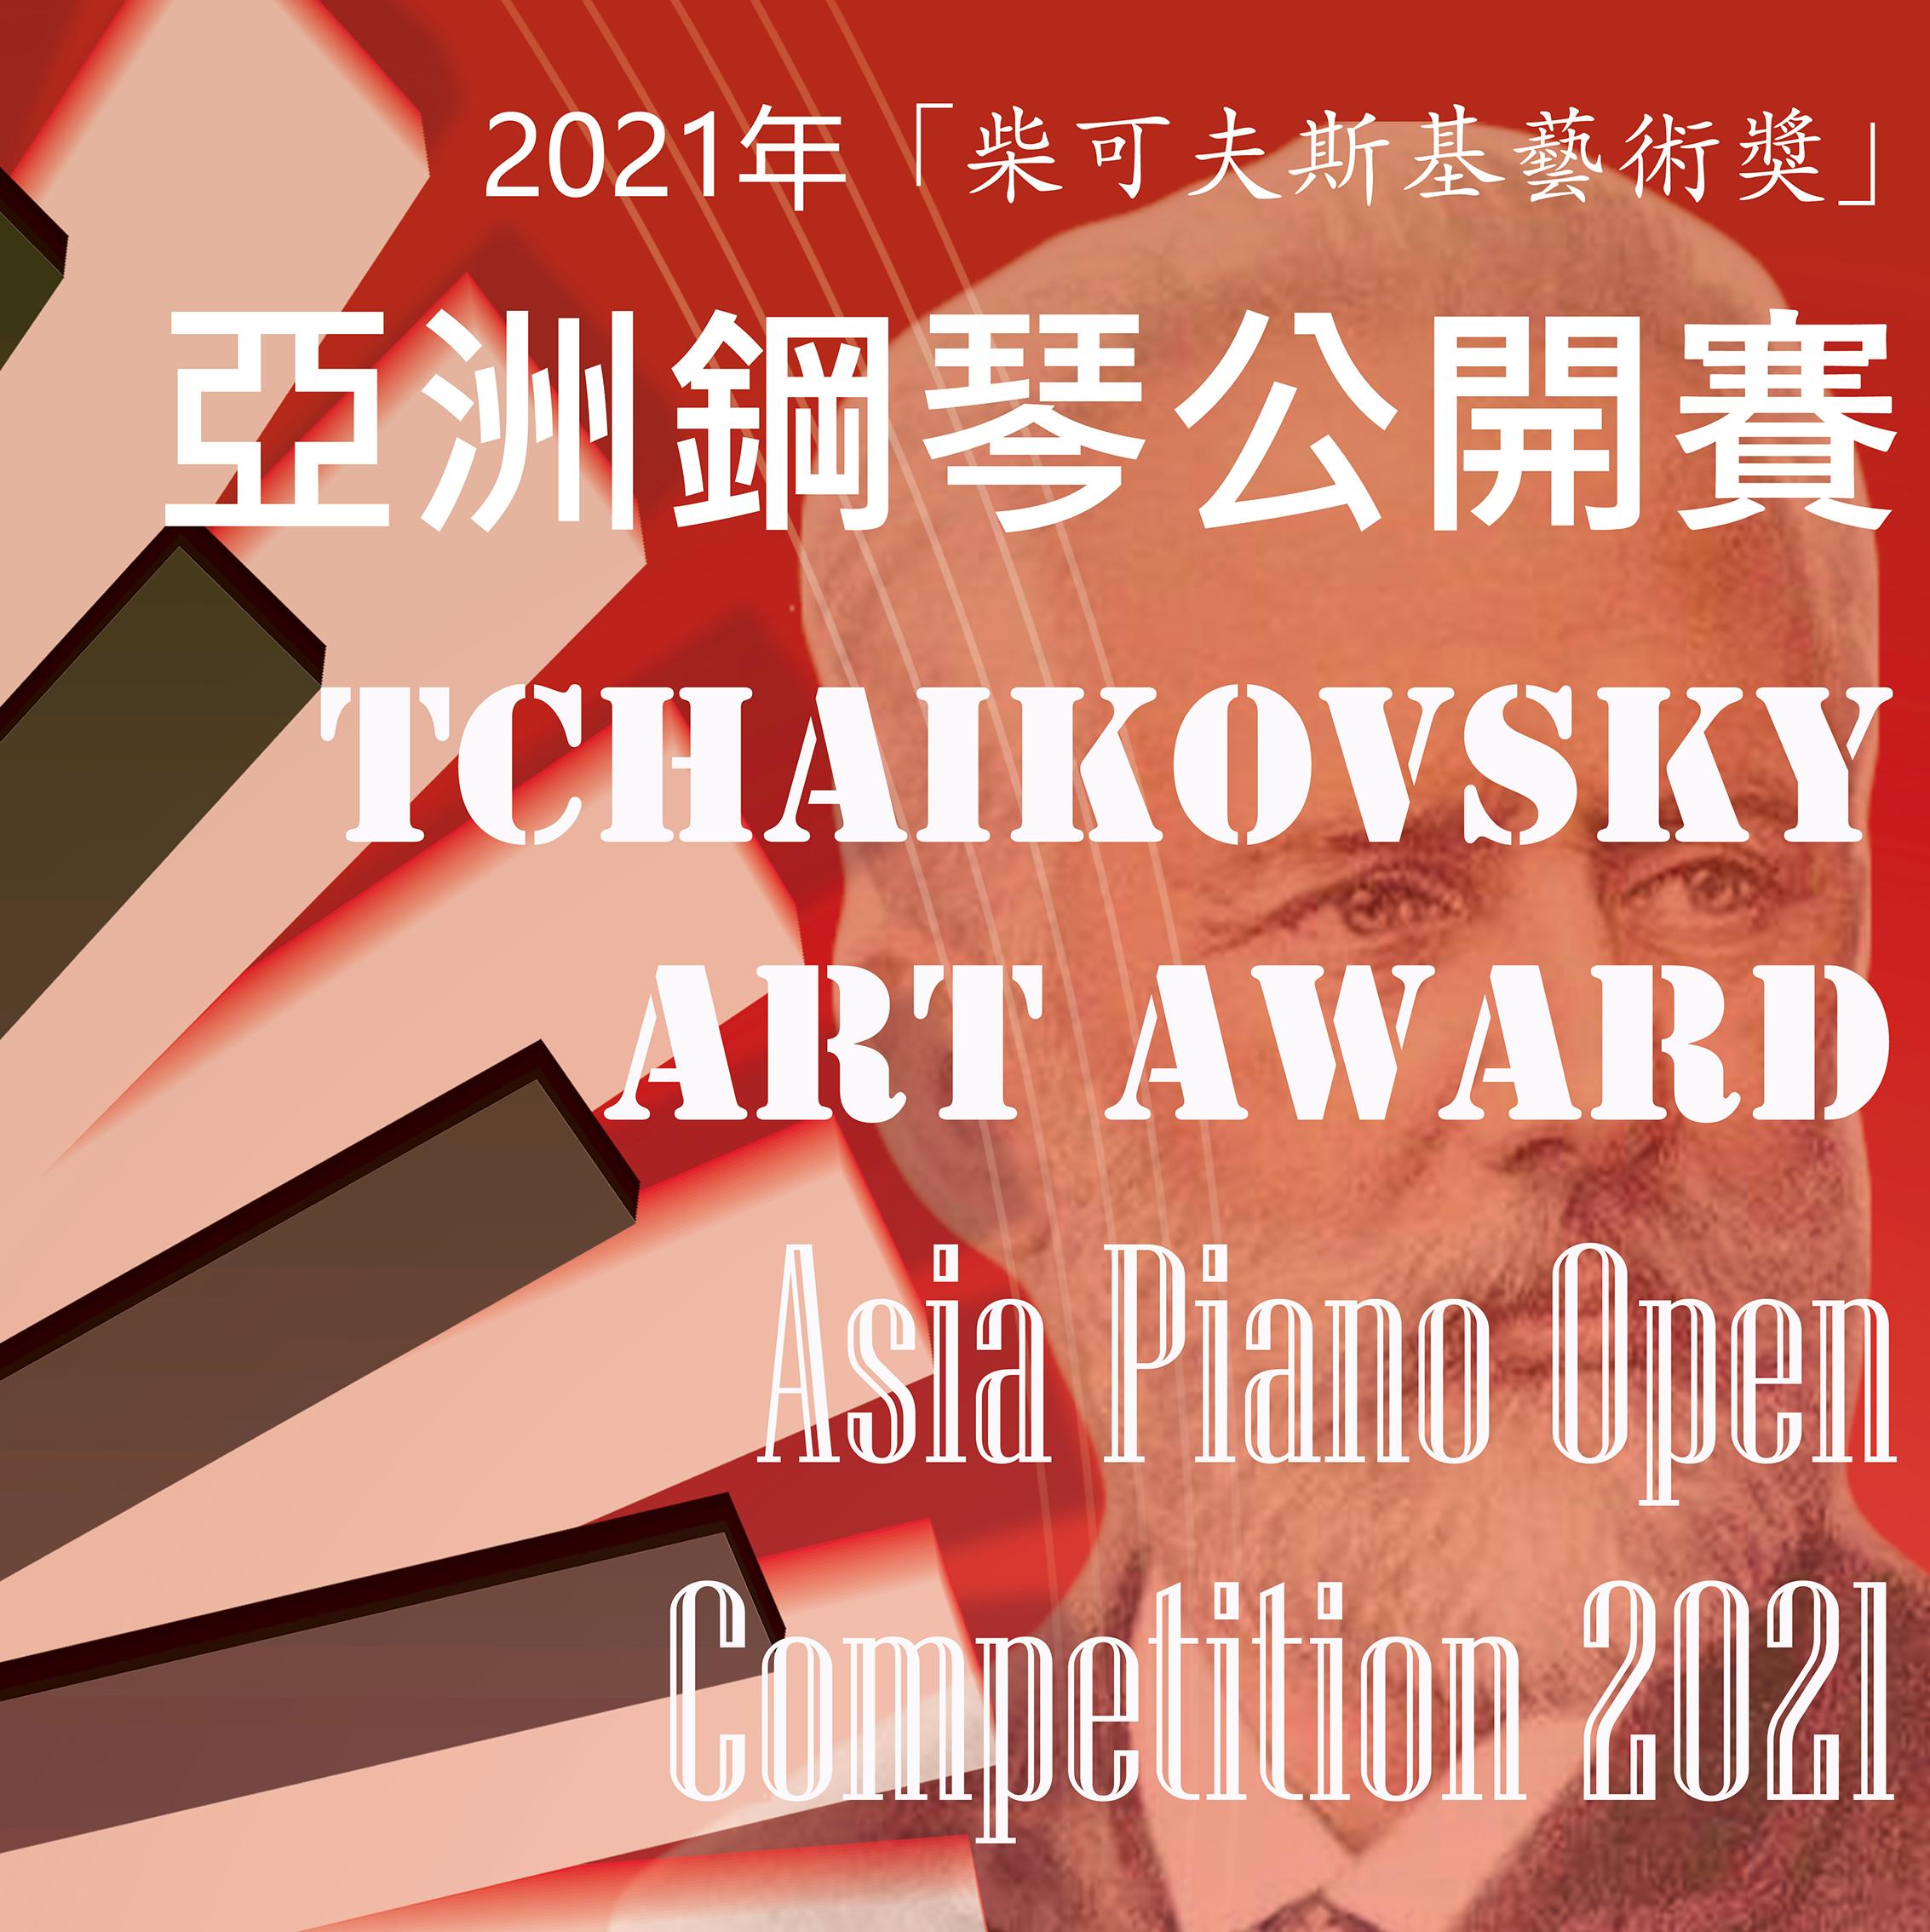 2021年钢琴比赛 「柴可夫斯基艺术奖」亚洲钢琴公开赛章程